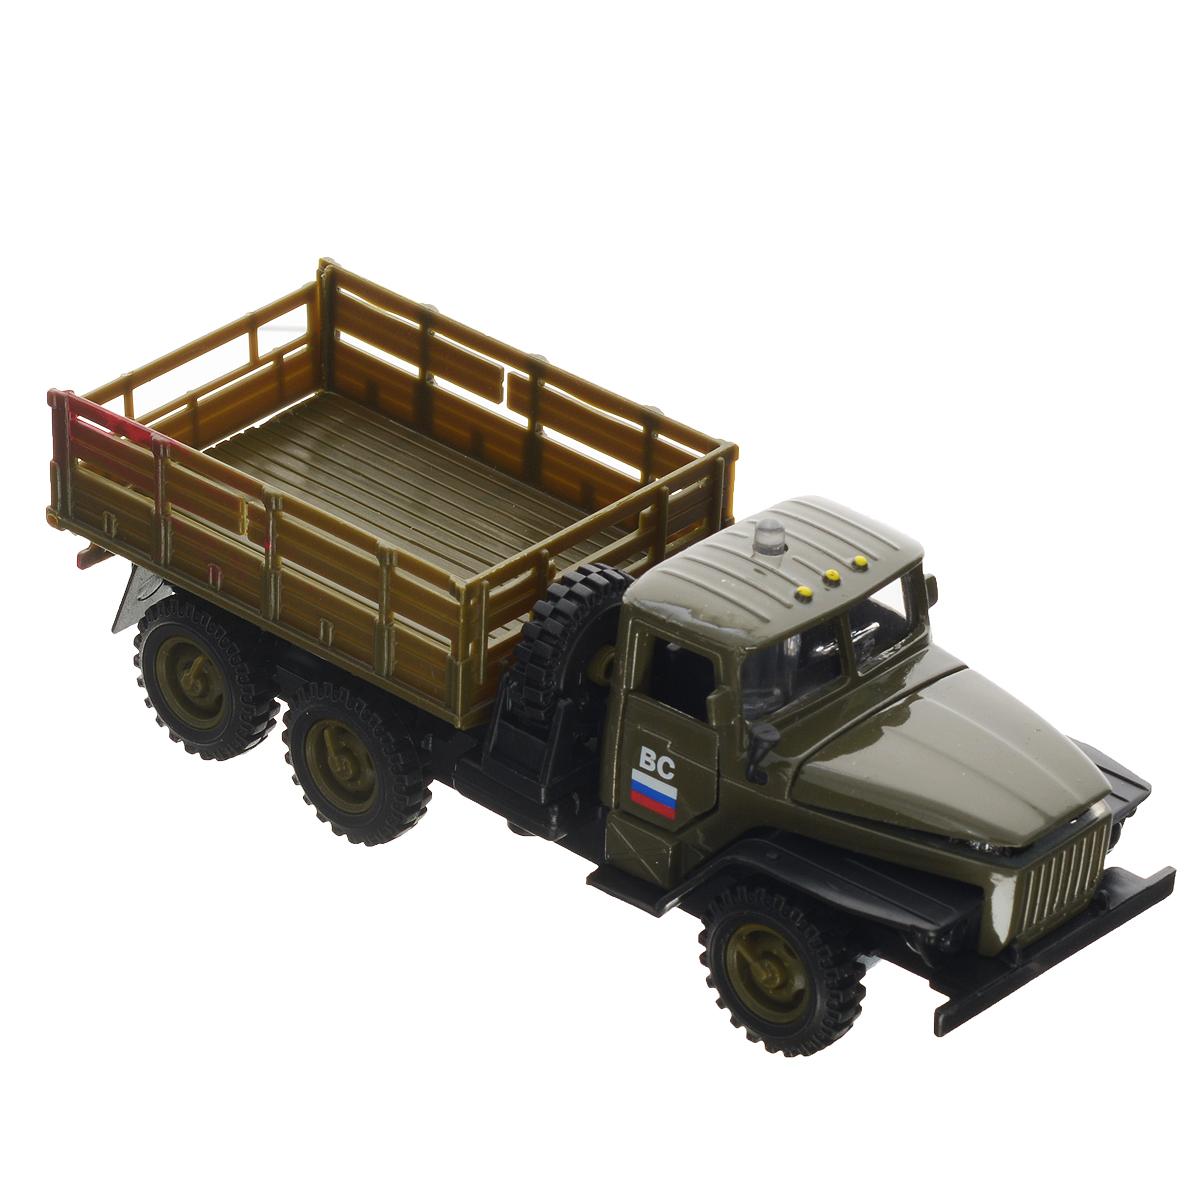 ТехноПарк Машинка инерционная Урал бортовой военныйCT-1235BИнерционная машинка ТехноПарк Урал бортовой военный, выполненная из пластика и металла, станет любимой игрушкой вашего малыша. Игрушка представляет собой модель бортового военного грузовика марки Урал. У машинки открываются дверцы кабины и капот, опускается задний борт. Между кабиной и кузовом расположено запасное колесо, которое также может быть использовано по назначению. При нажатии на кнопку на крыше кабины замигают фары, прозвучат звуки выстрелов и команды диспетчера. Игрушка оснащена инерционным ходом. Машинку необходимо отвести назад, затем отпустить - и она быстро поедет вперед. Прорезиненные колеса обеспечивают надежное сцепление с любой гладкой поверхностью. Ваш ребенок будет часами играть с этой машинкой, придумывая различные истории. Порадуйте его таким замечательным подарком! Машинка работает от батареек (товар комплектуется демонстрационными).